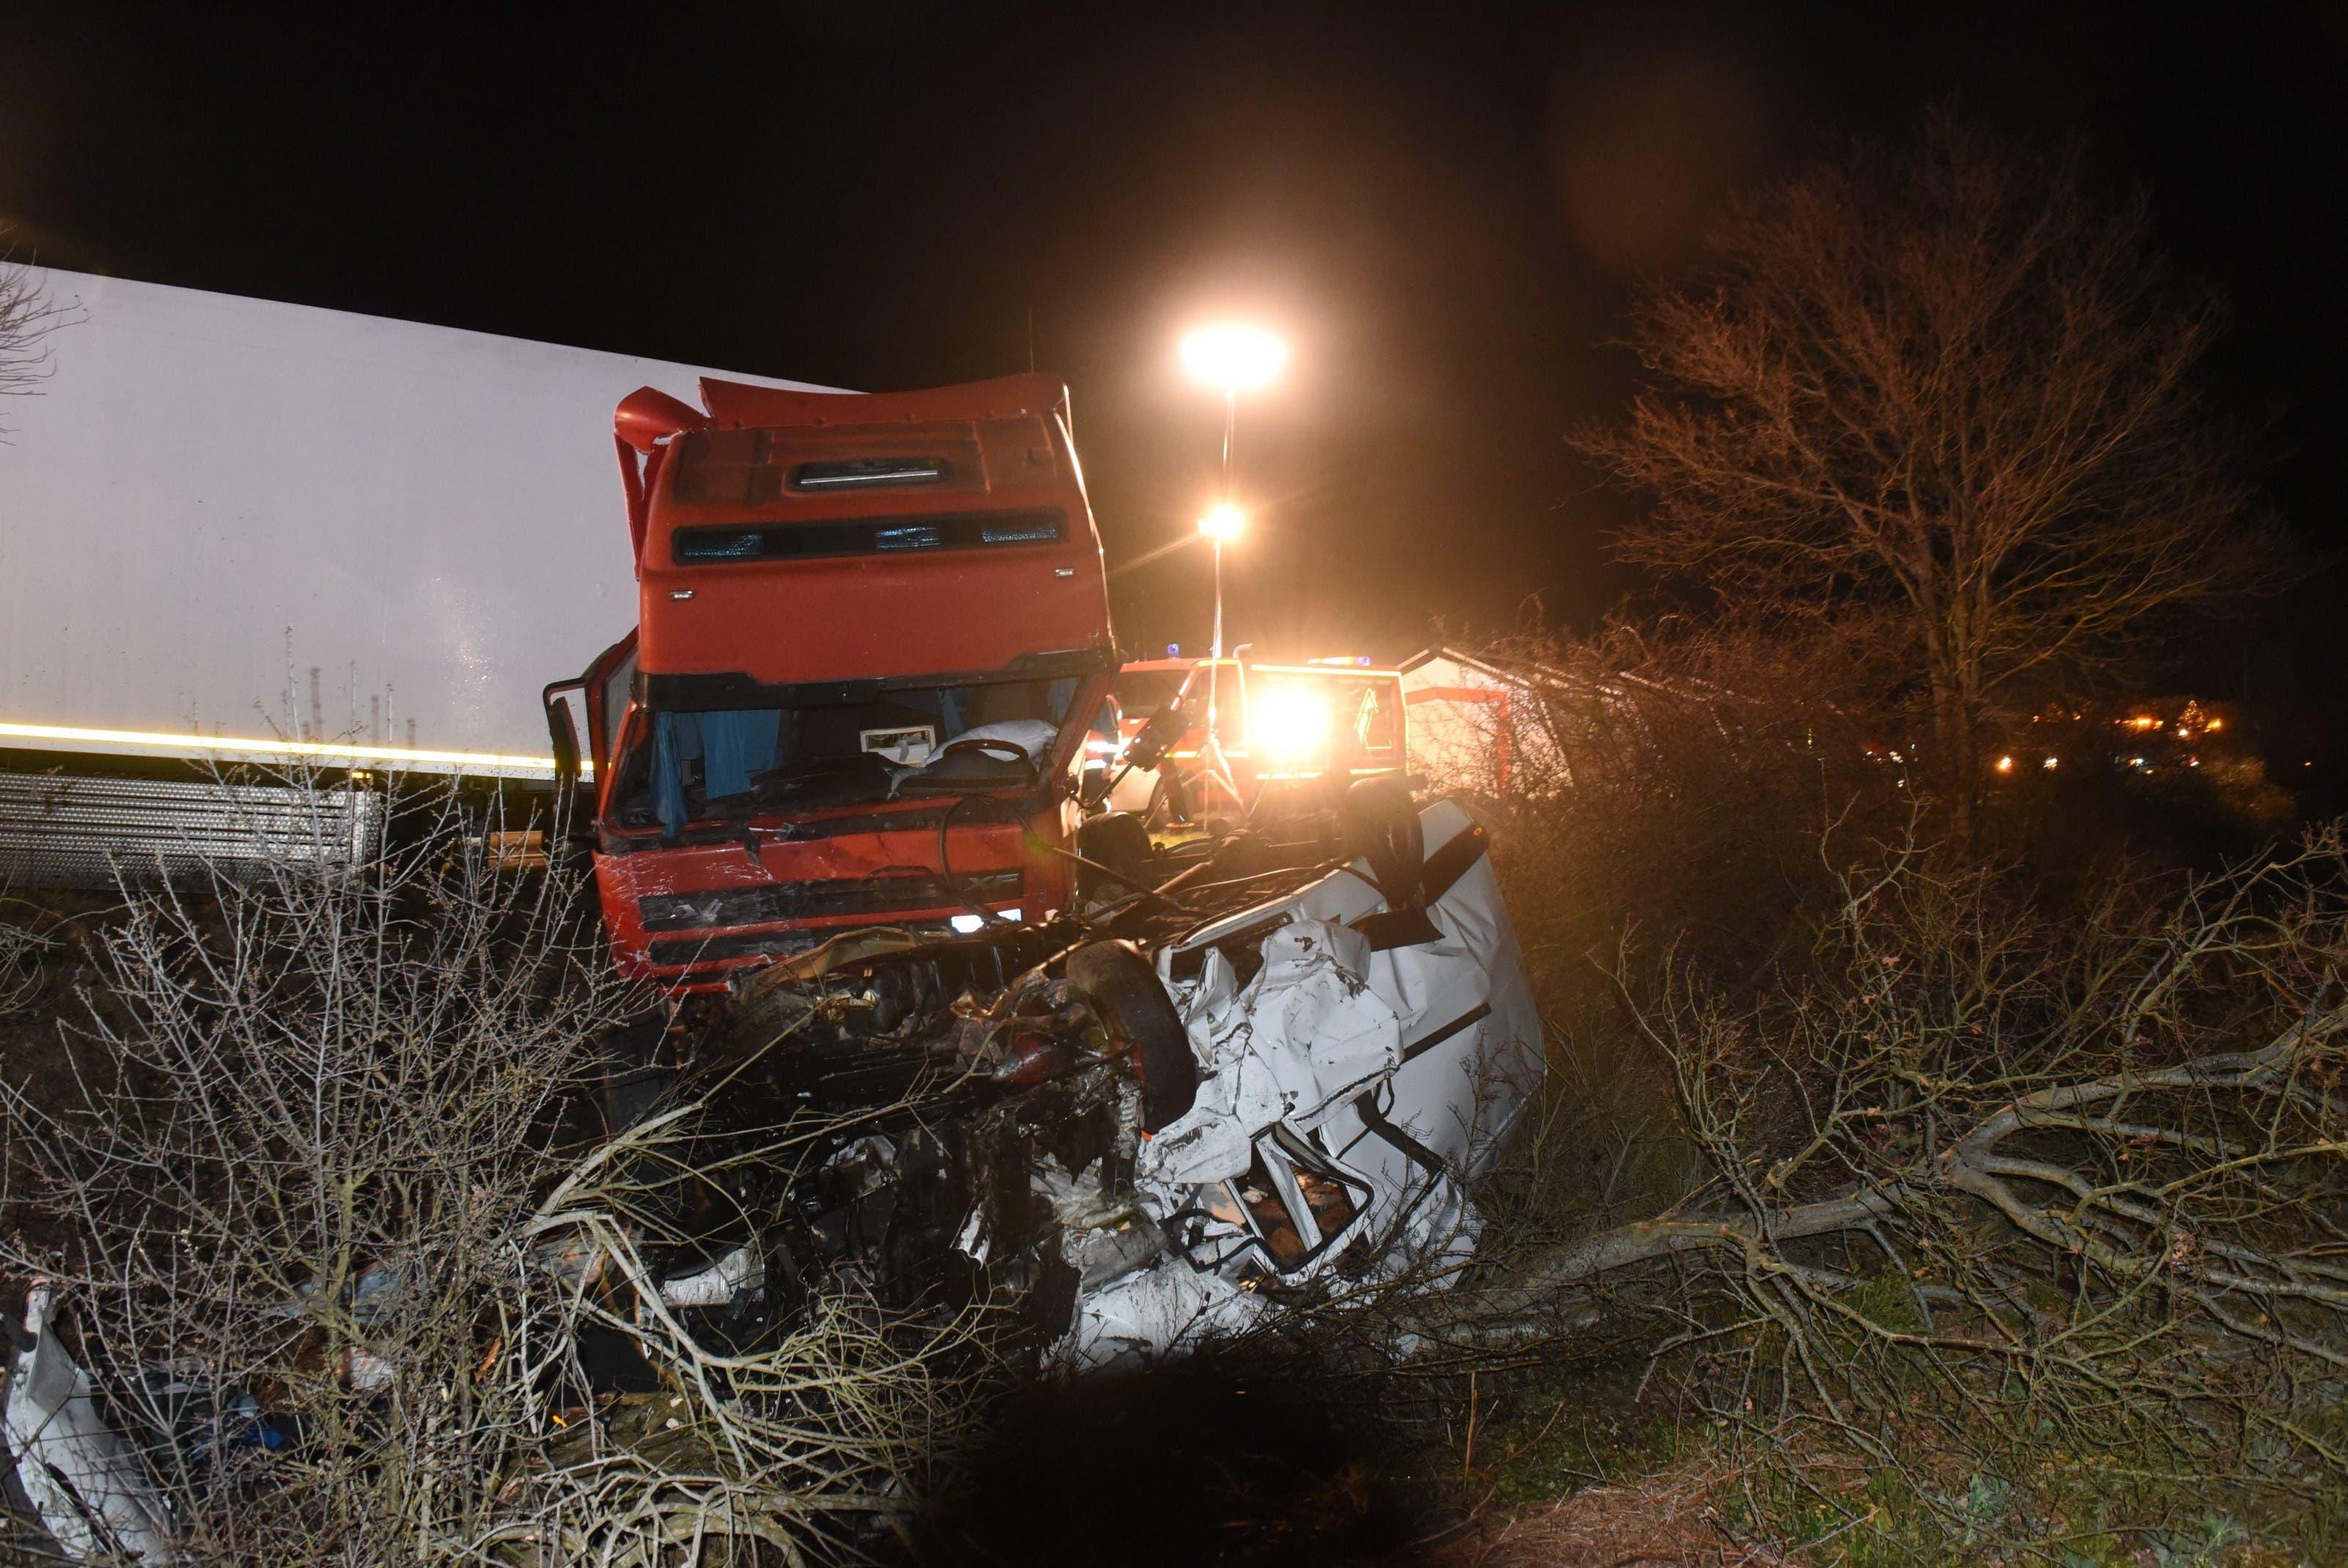 Der Minibus kollidierte auf einer französischen Regionalstrasse bei der Kleinstadt Moulins mit einem Lastwagen. Die Unfallursache blieb unklar.